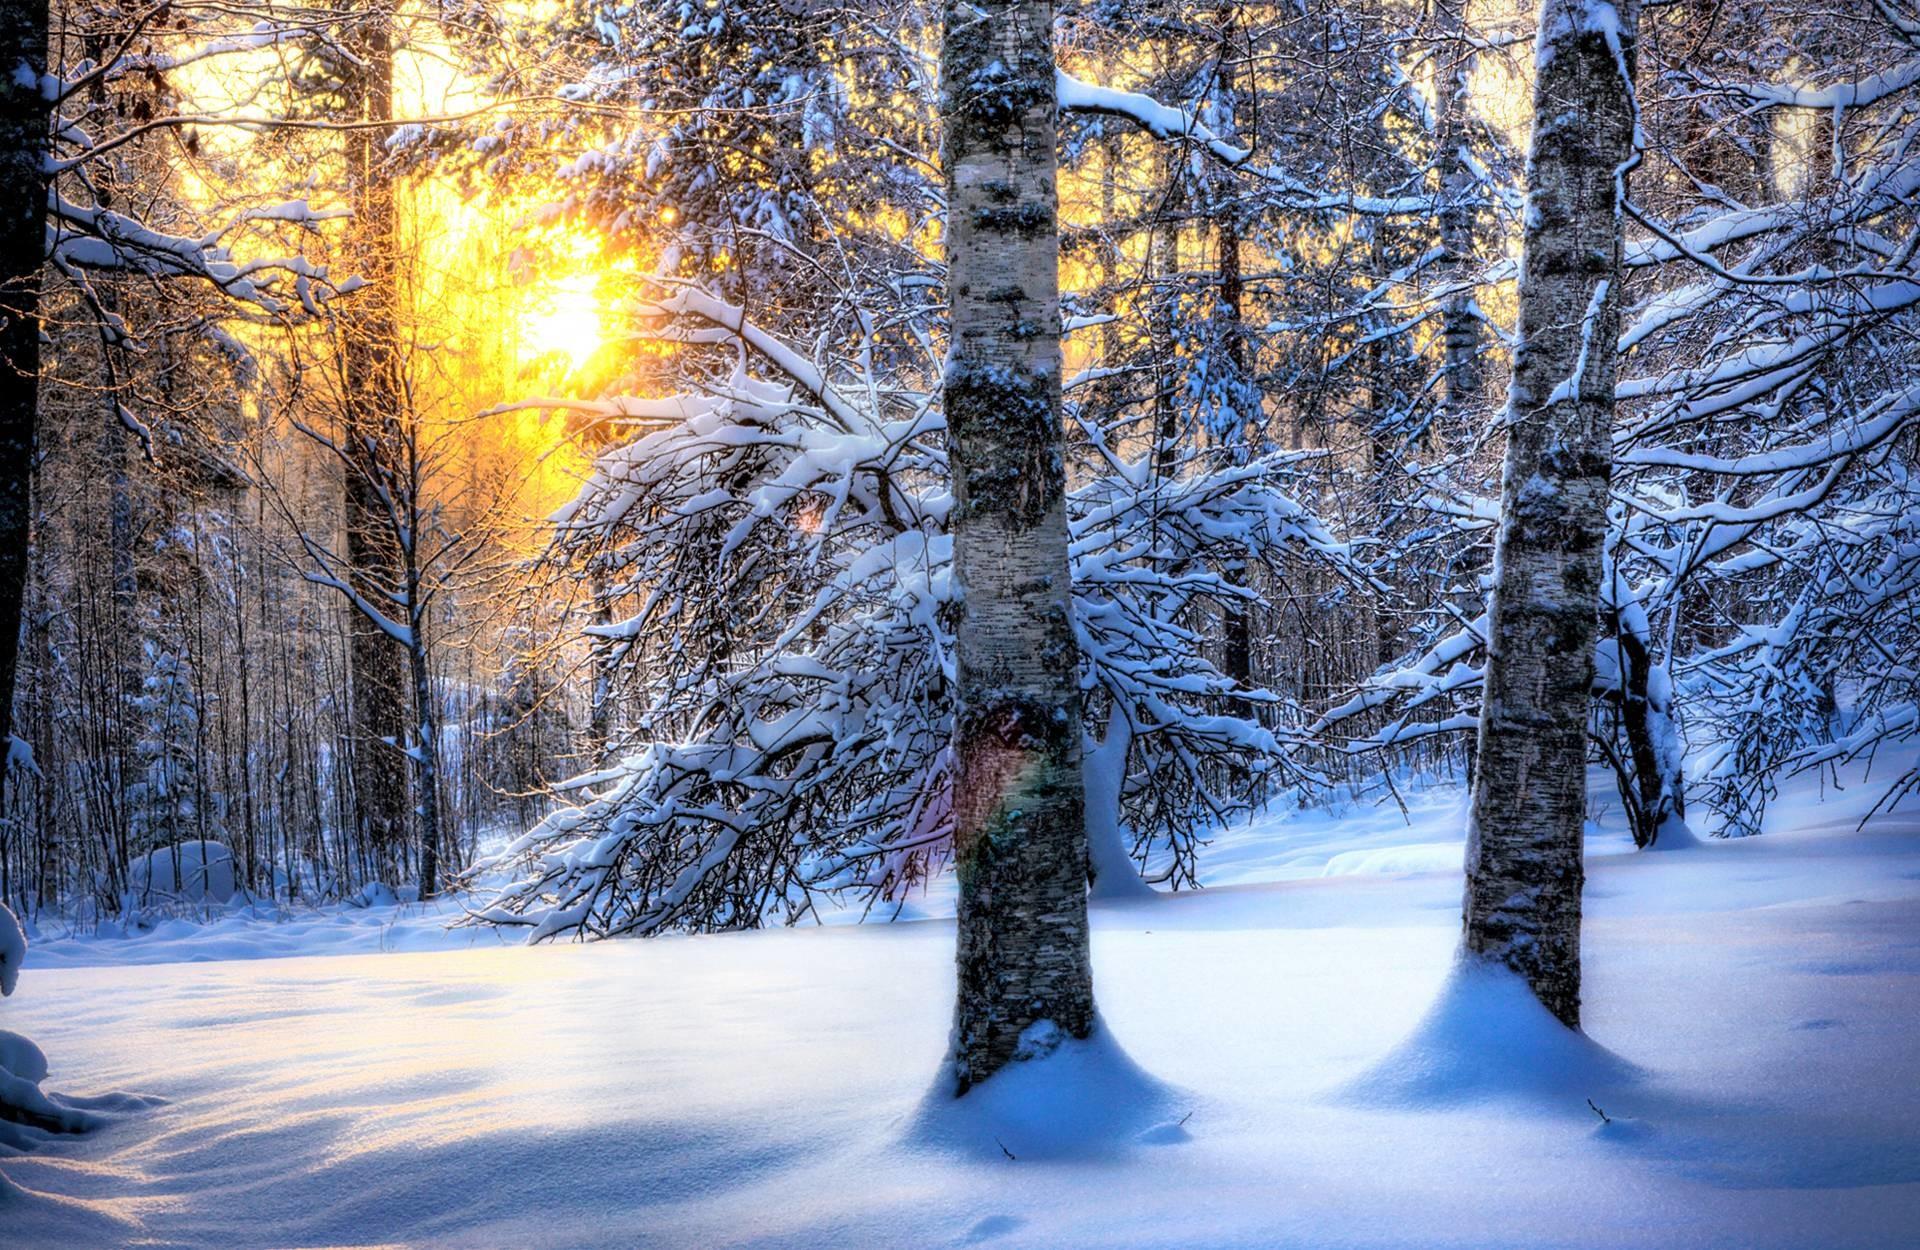 free winter desktop wallpaper downloads – www.